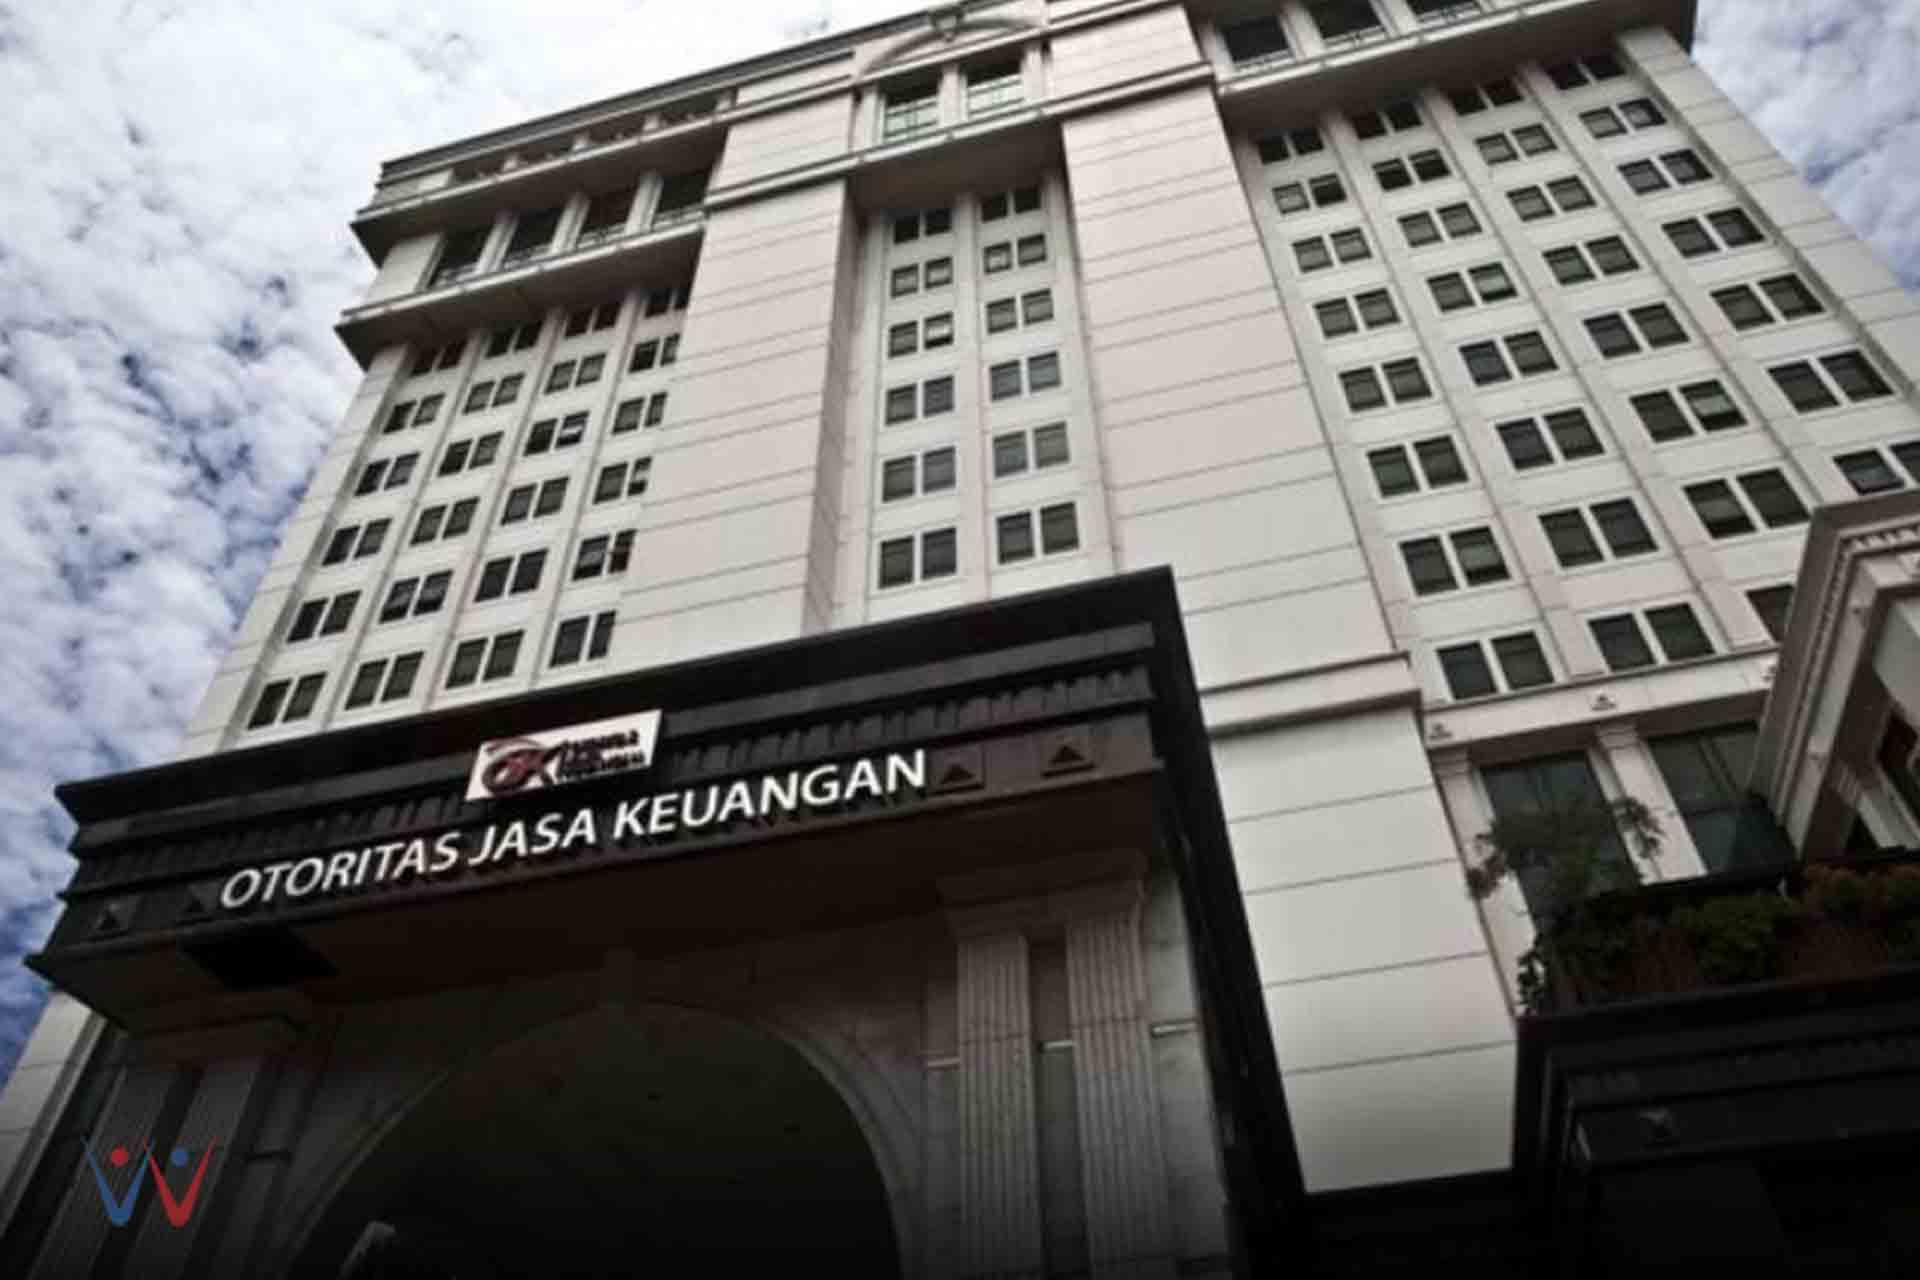 Pilih Layanan yang Berizin OJK (Otoritas Jasa Keuangan)